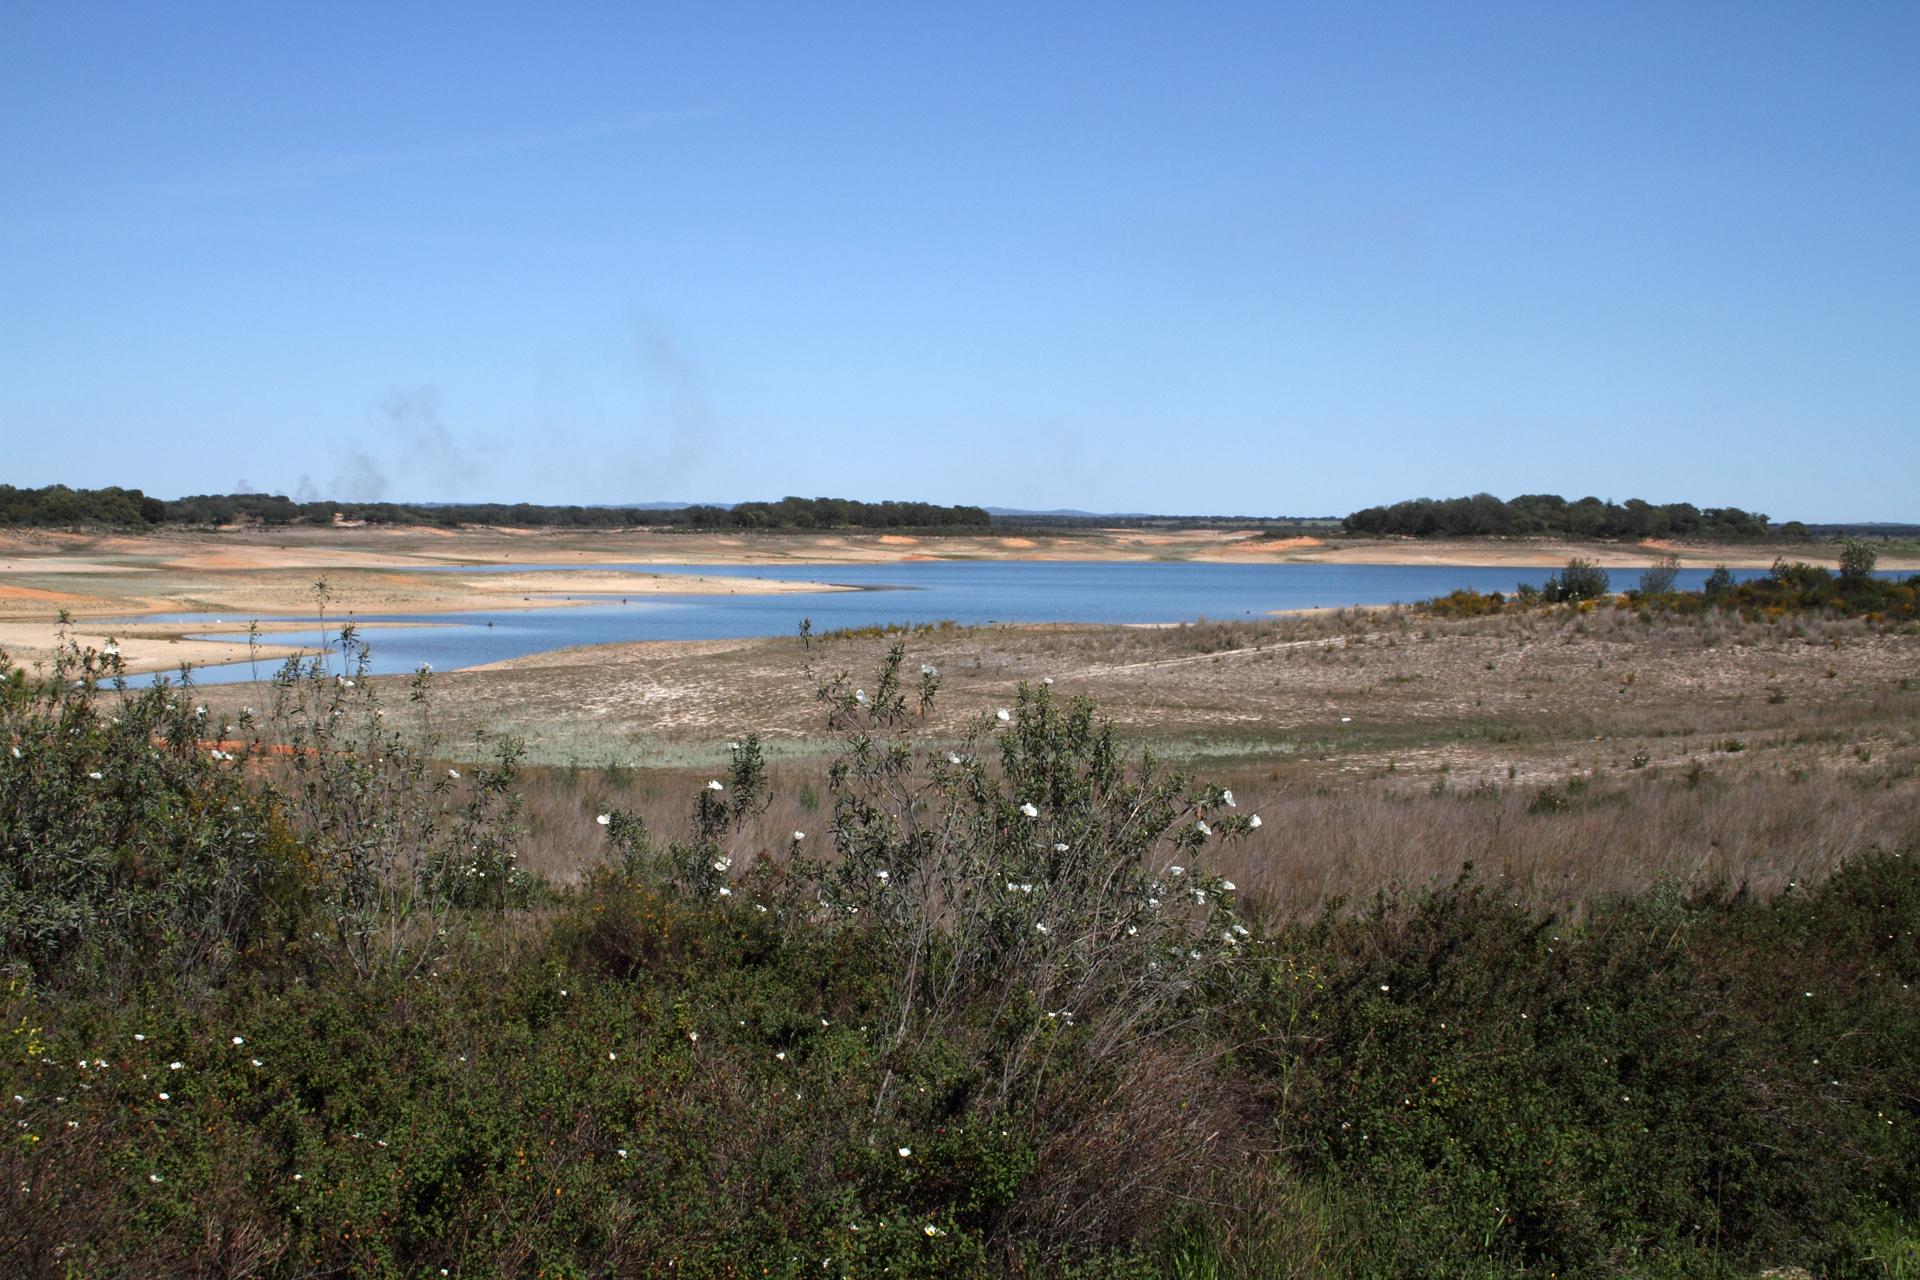 Der Stausee Barragem de Odivelas in der Nähe von Ferreira do Alentejo